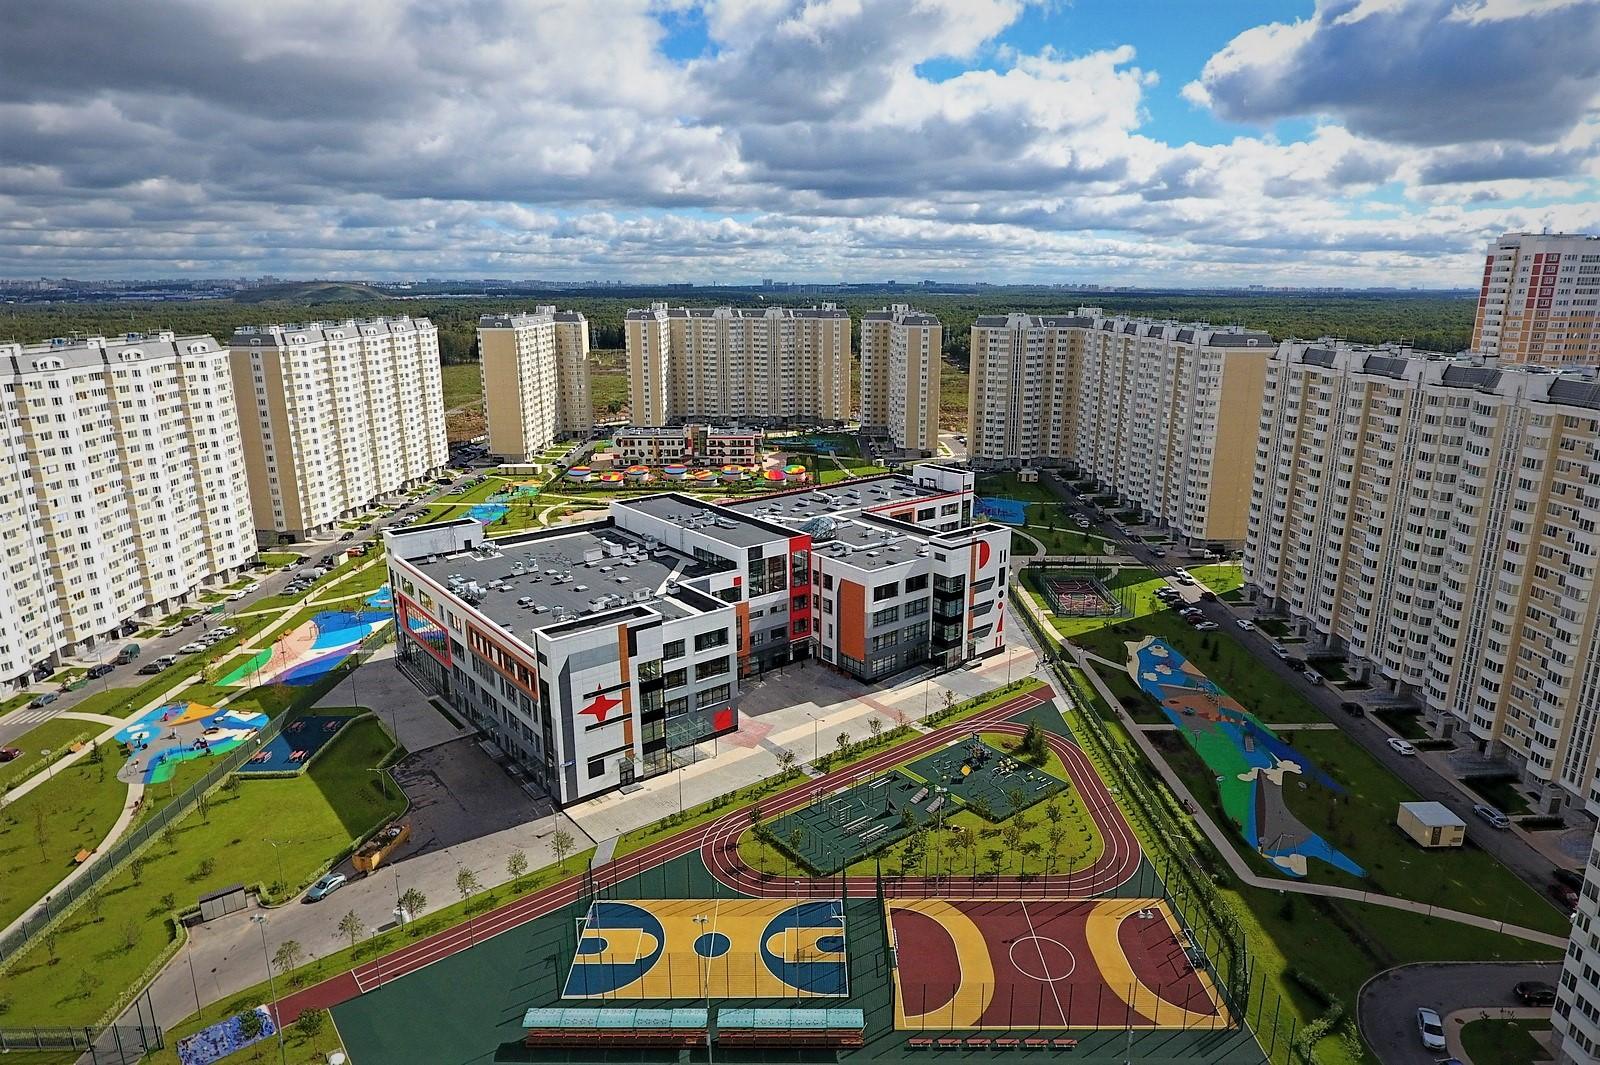 Столичные власти и застройщики объединились, чтобы устранить нехватку соцобъектов в Новой Москве